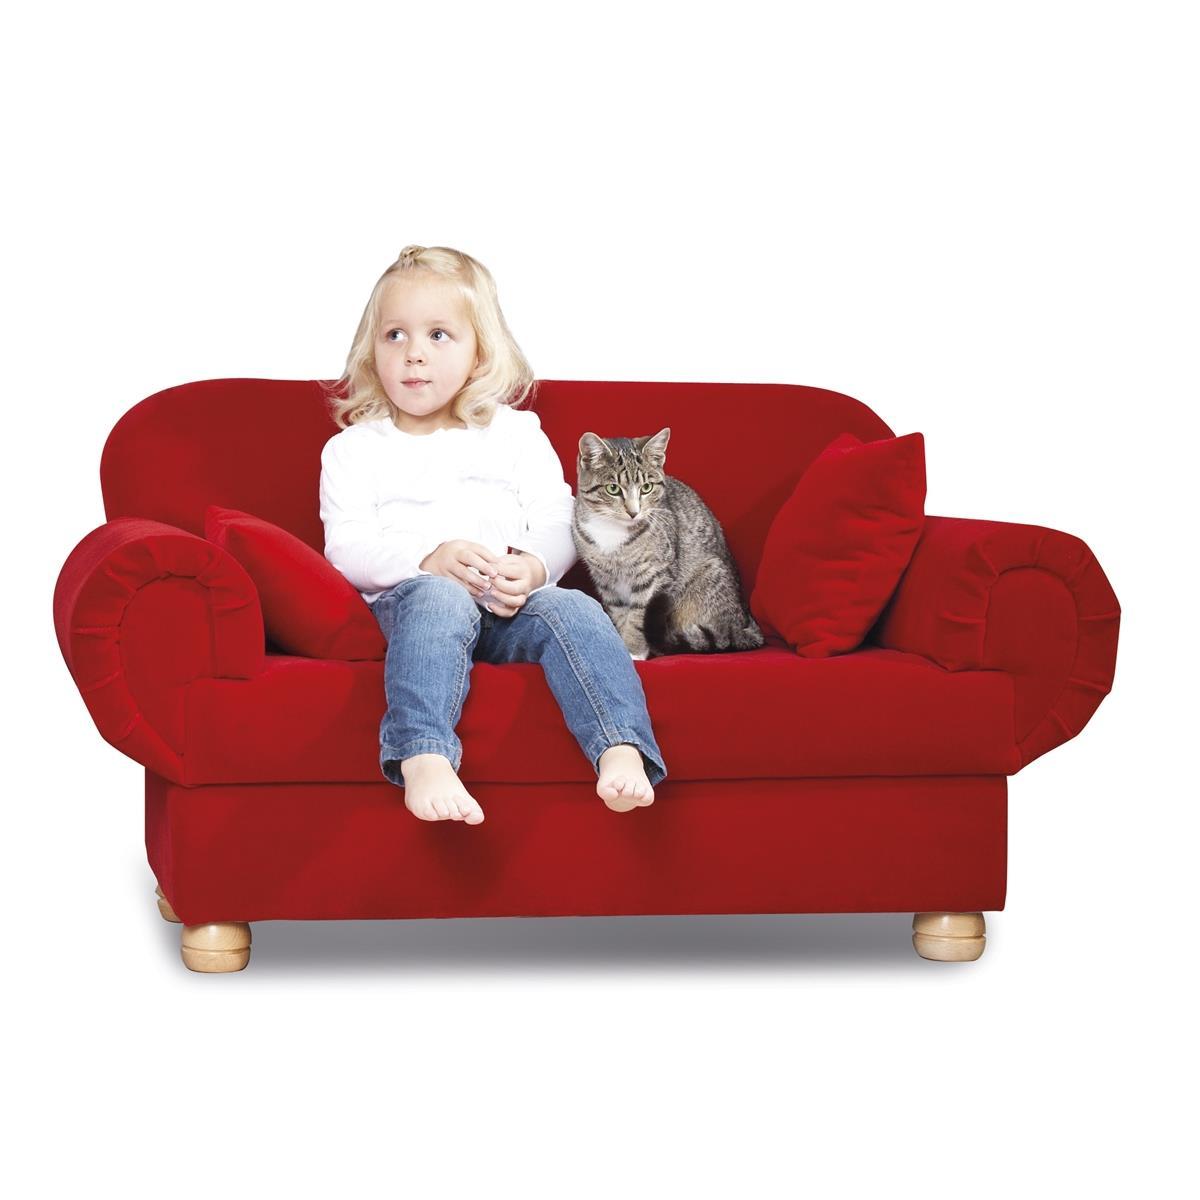 двухъярусная кровать для детей купить в челябинске